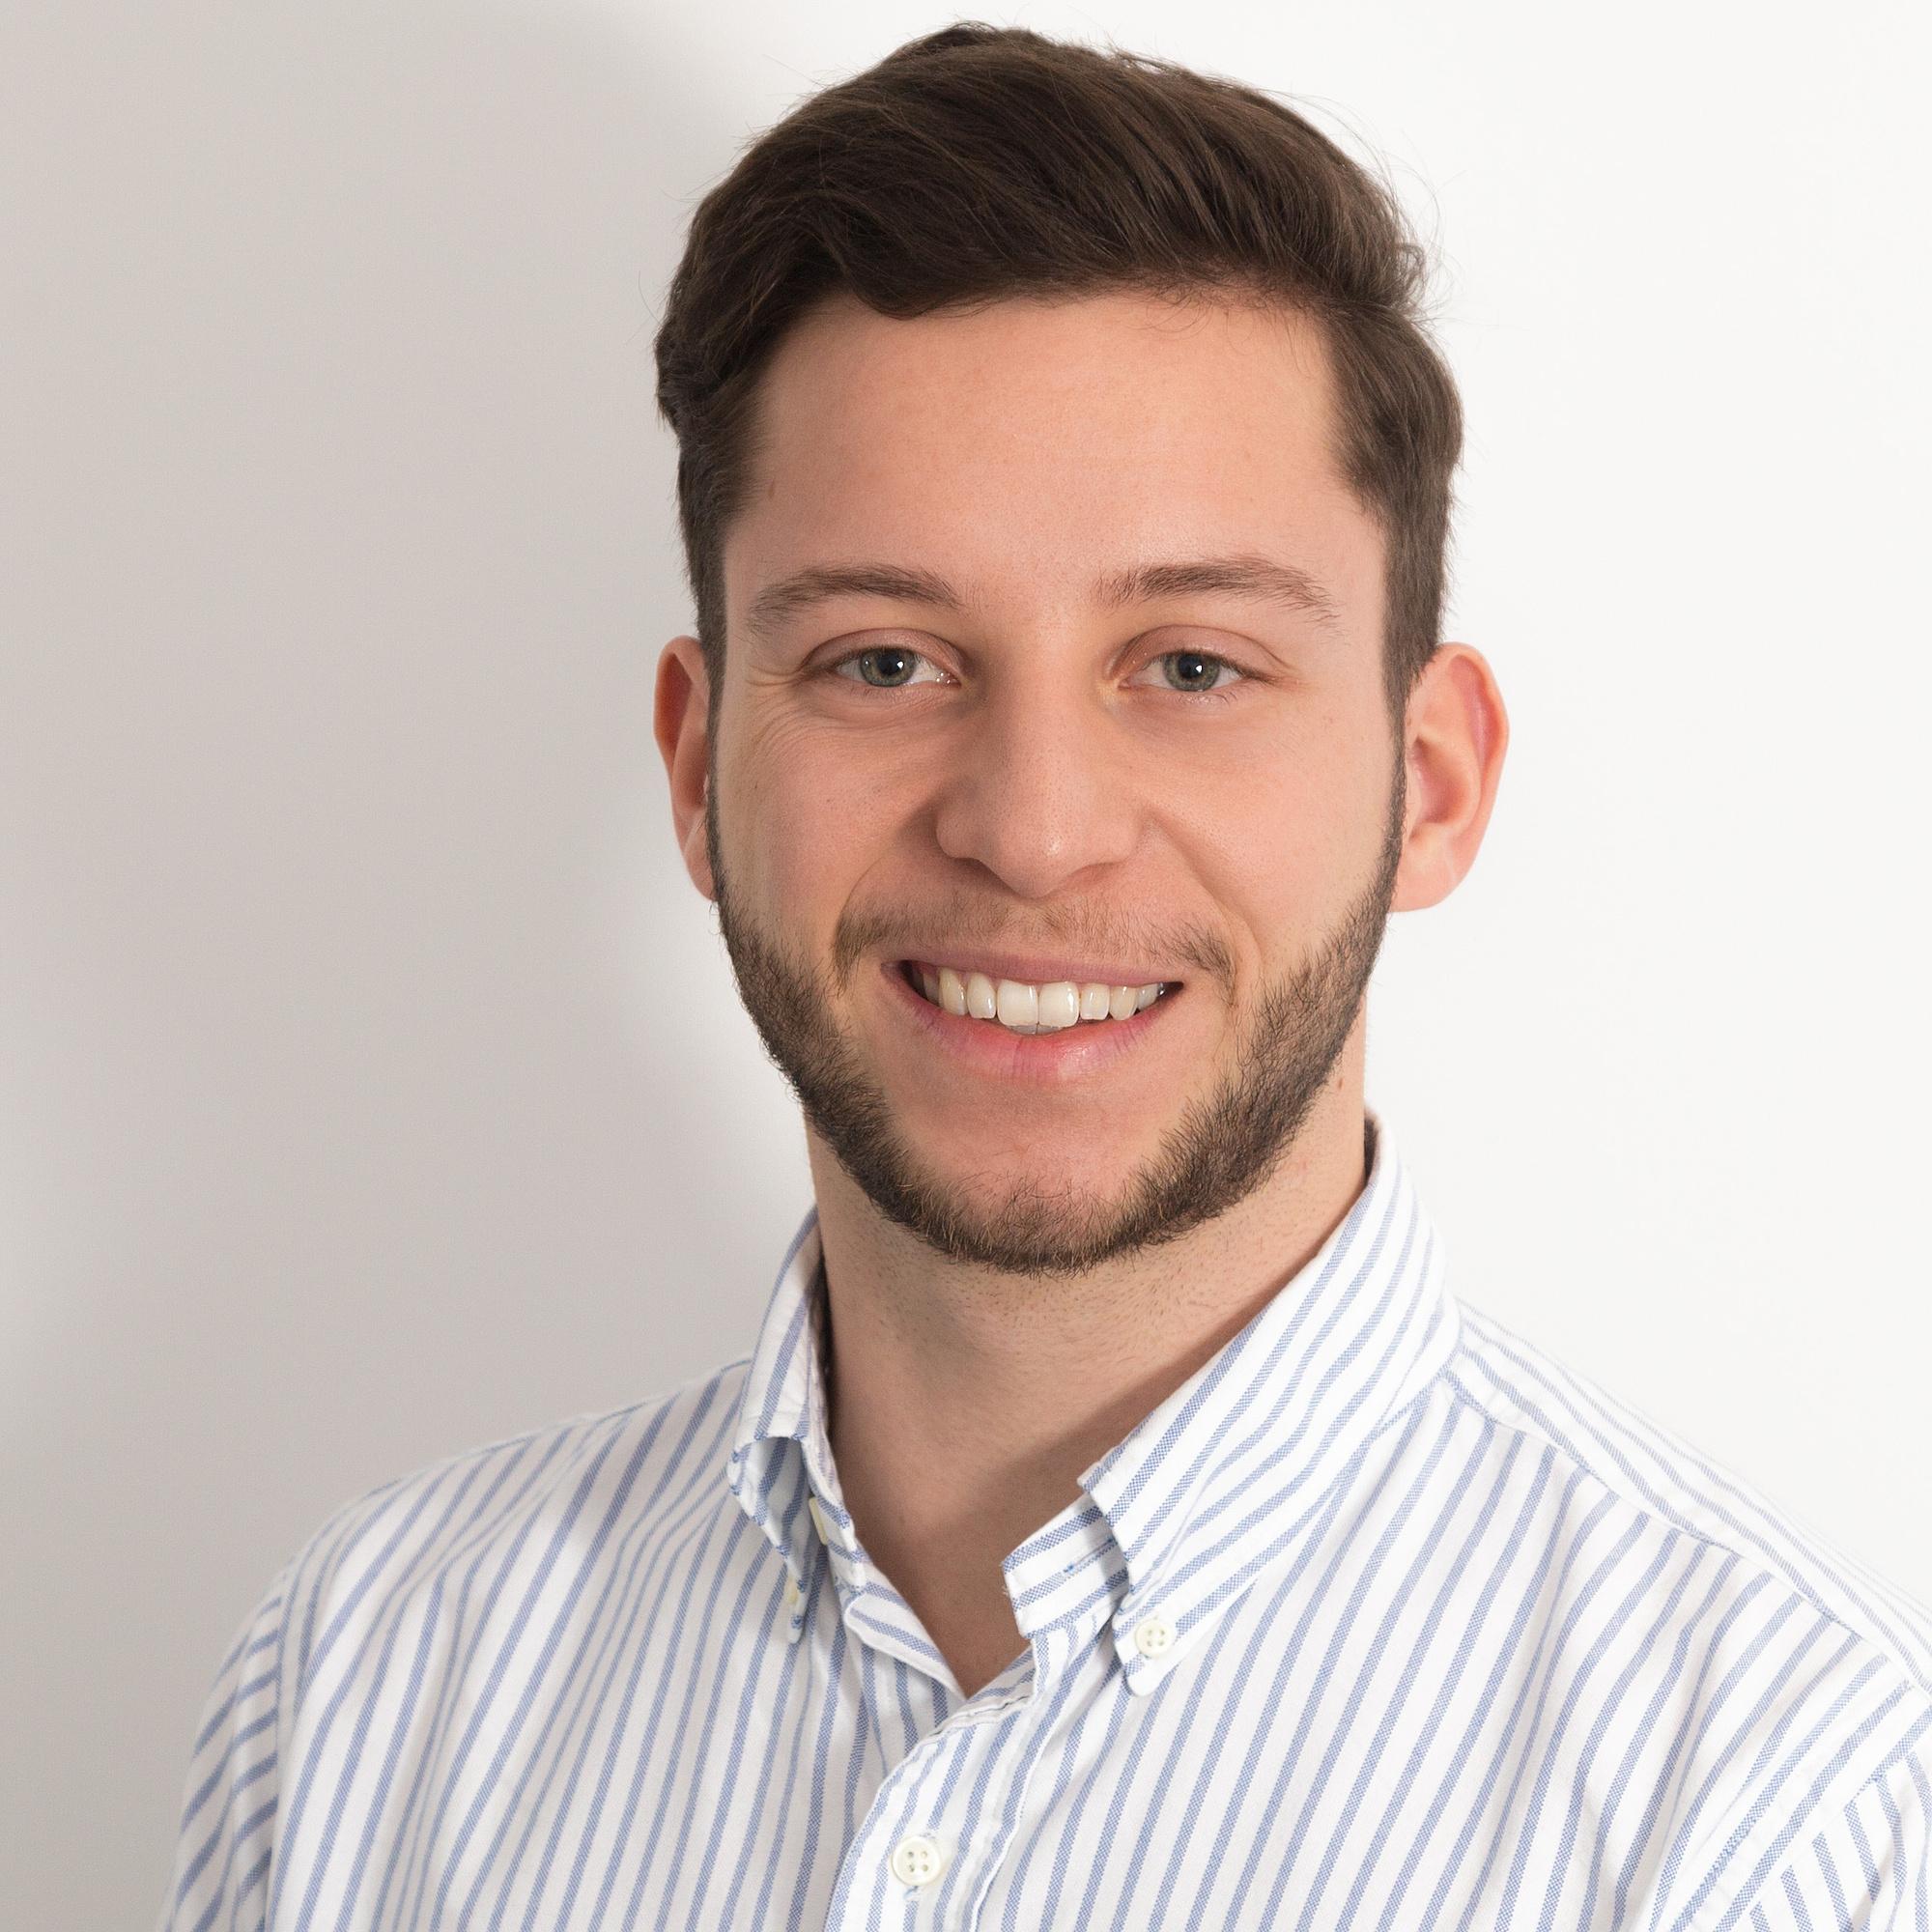 Daniel Teubenbacher